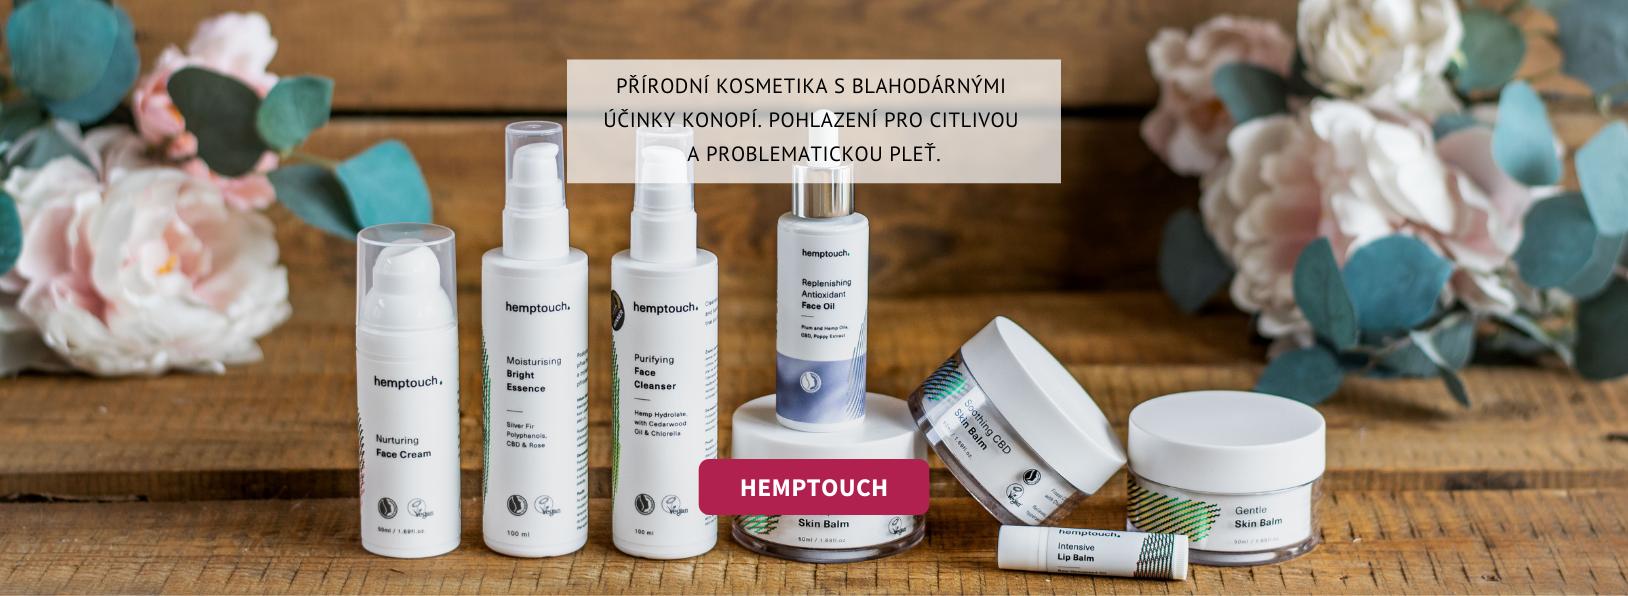 Hemptouch konopná kosmetika